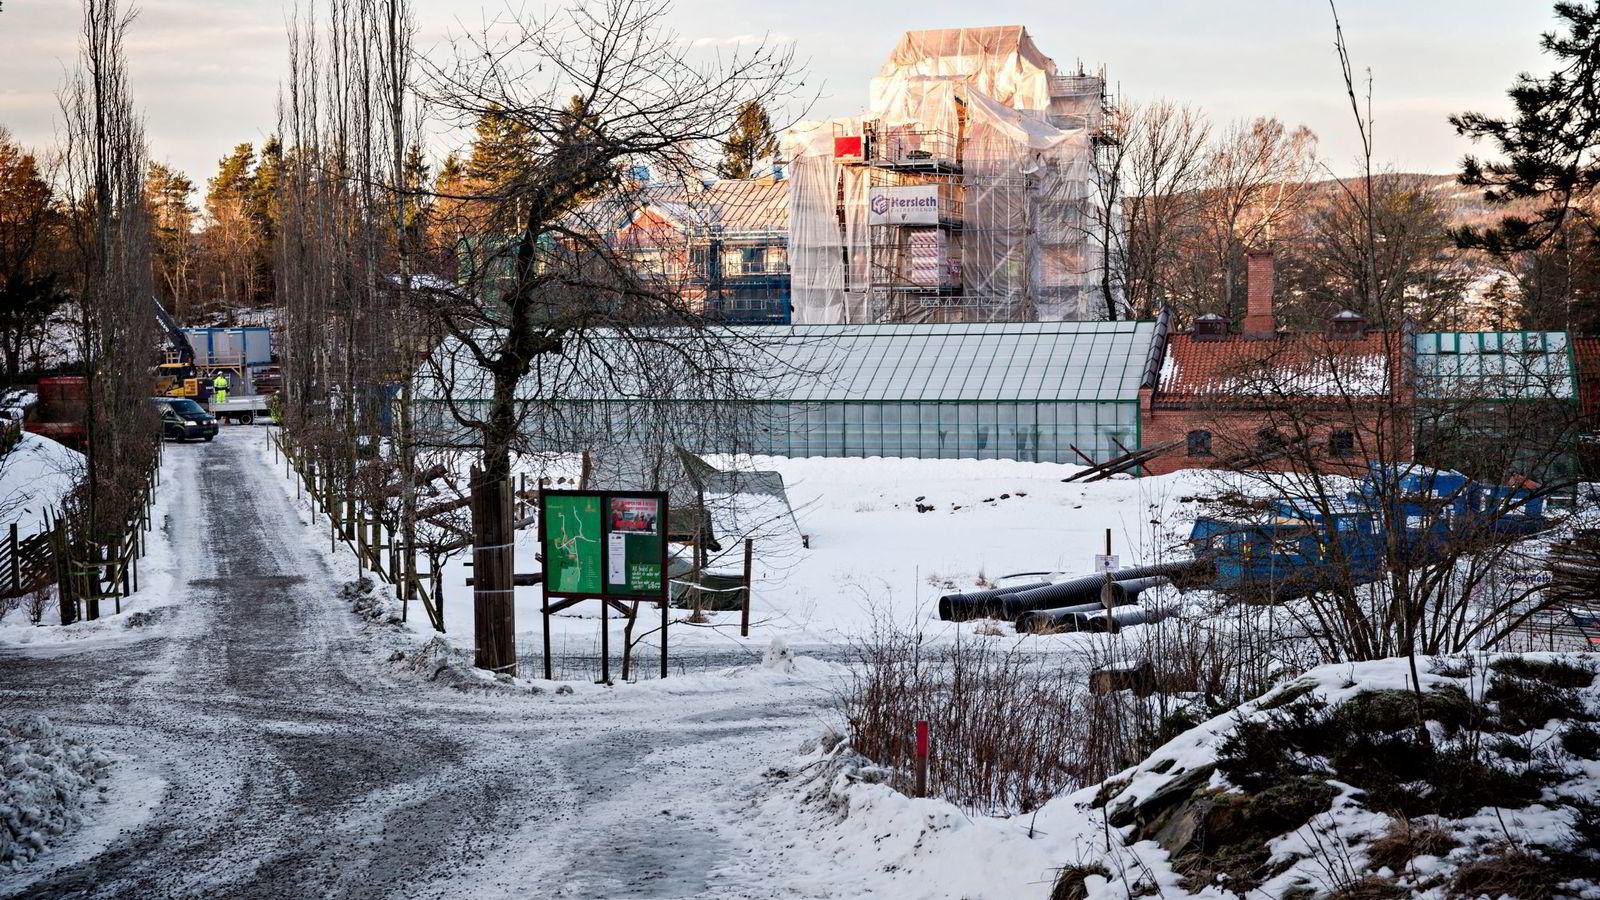 Rederarving Petter Olsen setter opp et hotell- og museumsbygg som får en innredning i sen 1700-talls- og sen 1800-tallsstil. Begge foto: Aleksander Nordahl